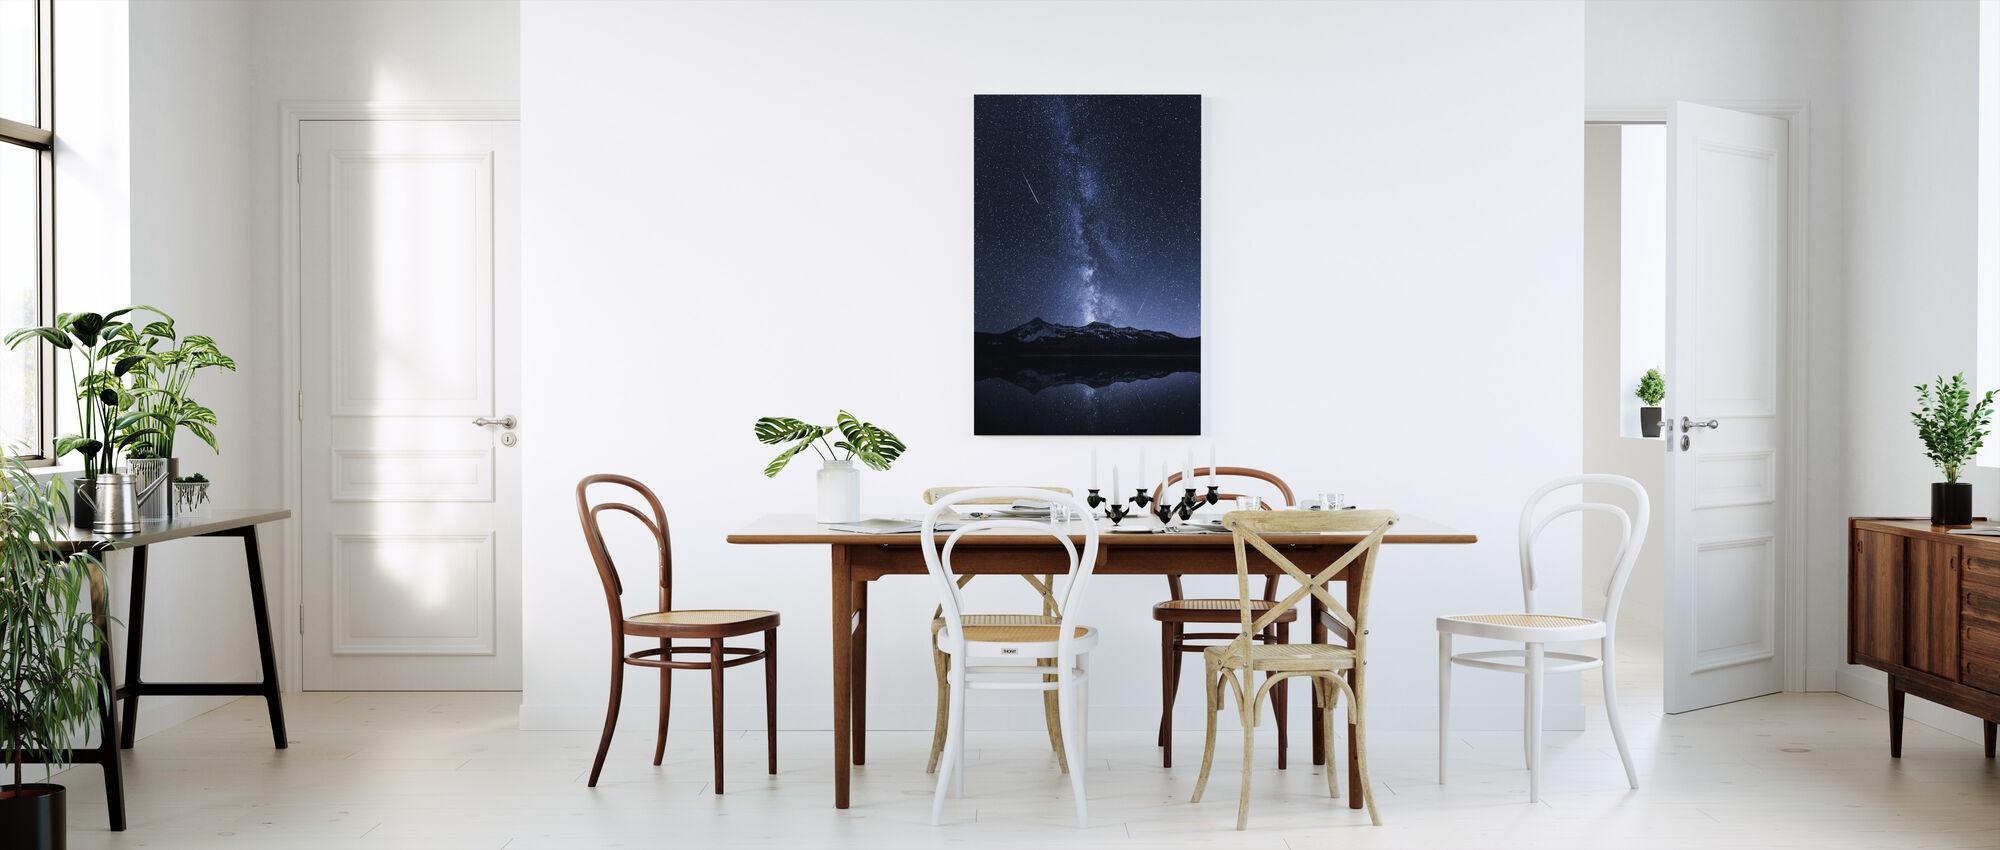 Galaksit heijastus - Canvastaulu - Keittiö